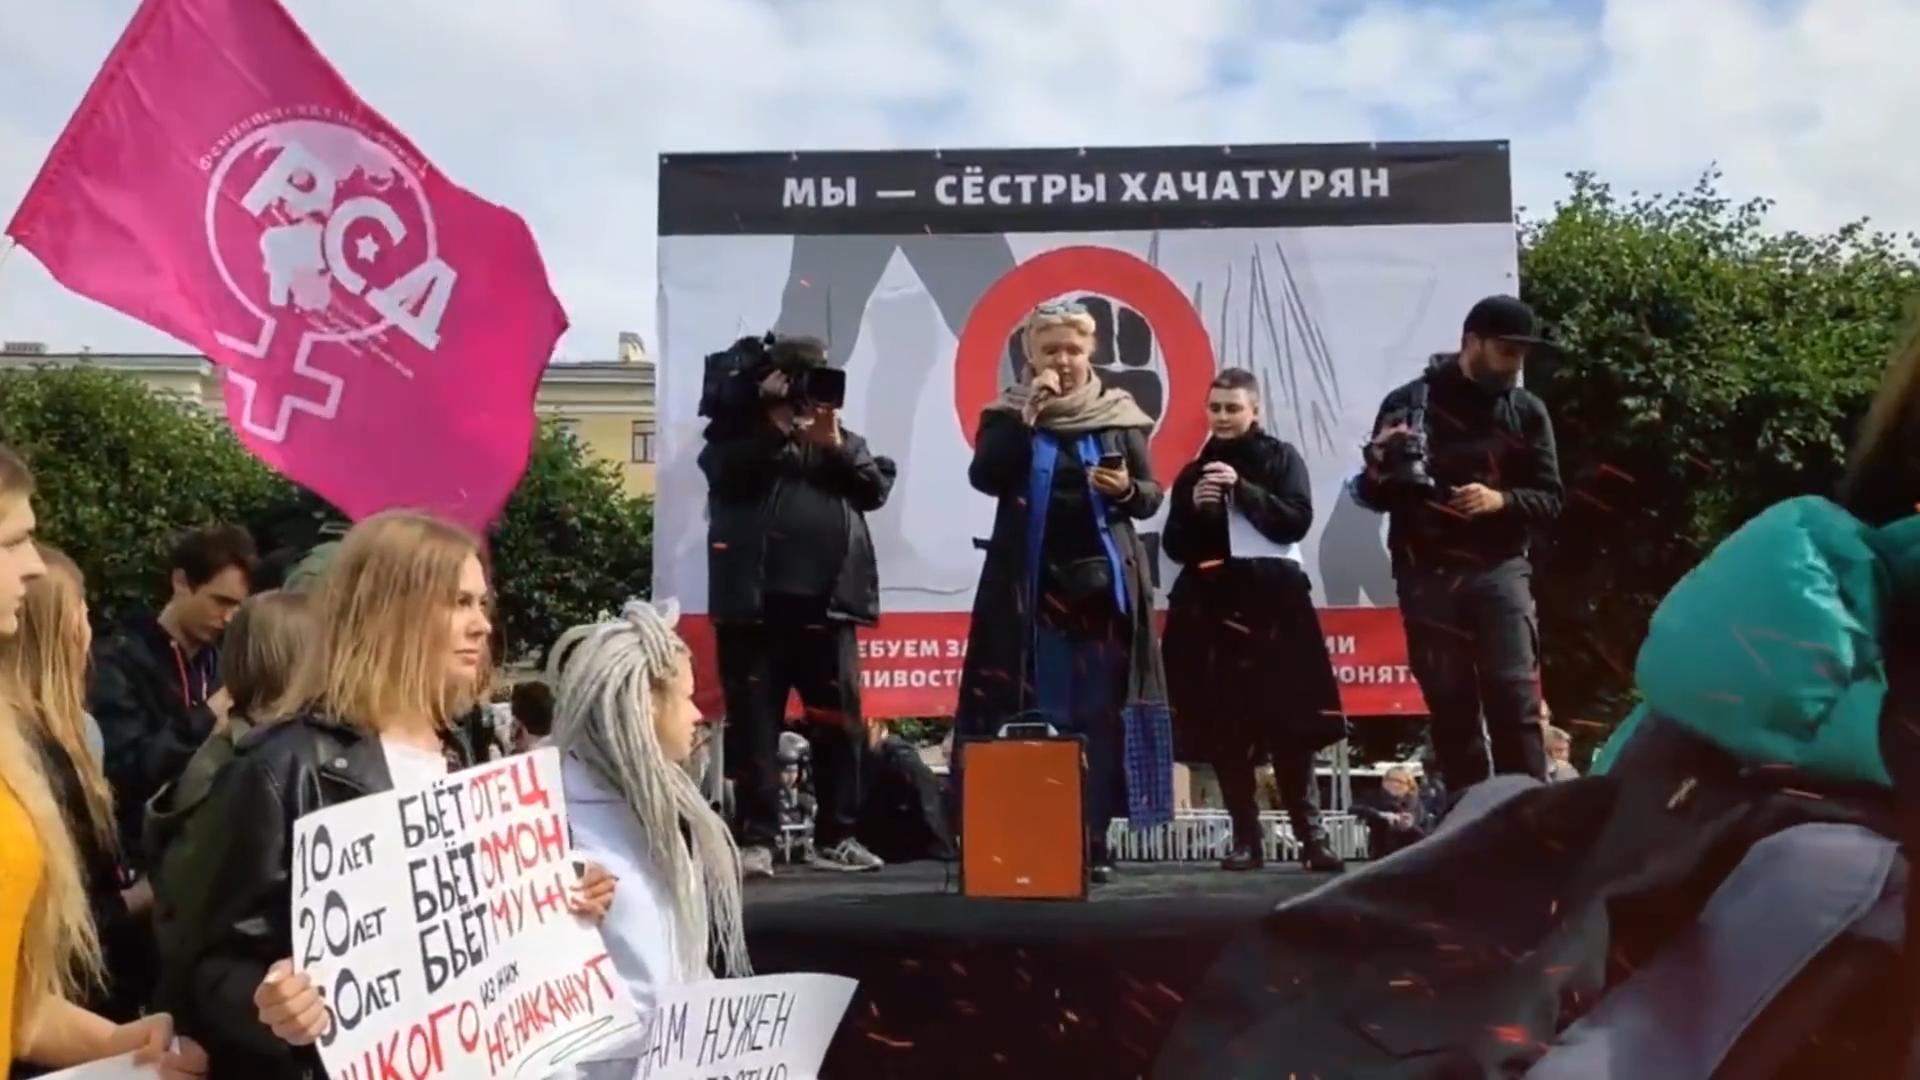 20191127-ЛОЖЬ (о) Законе о домашнем насилии  _ Алена Попова-pic12